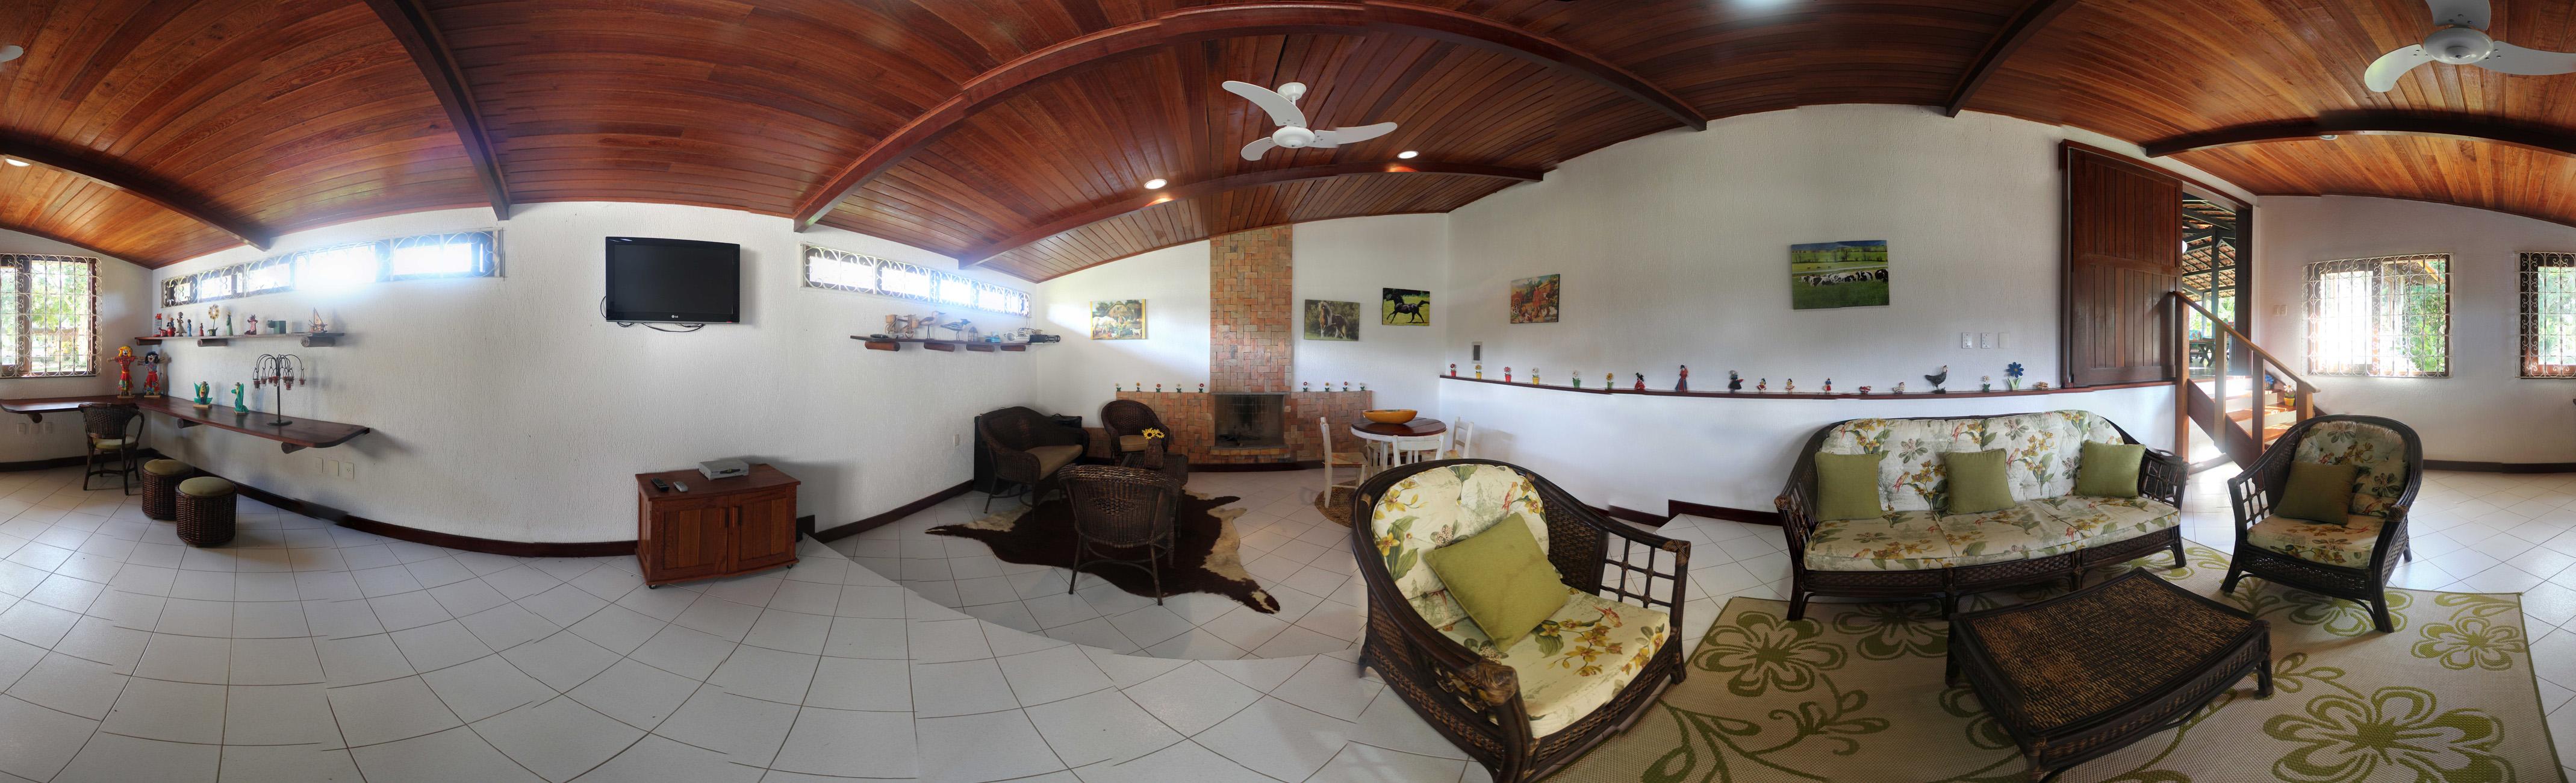 Sala de TV - Fazenda Hotel Candeal